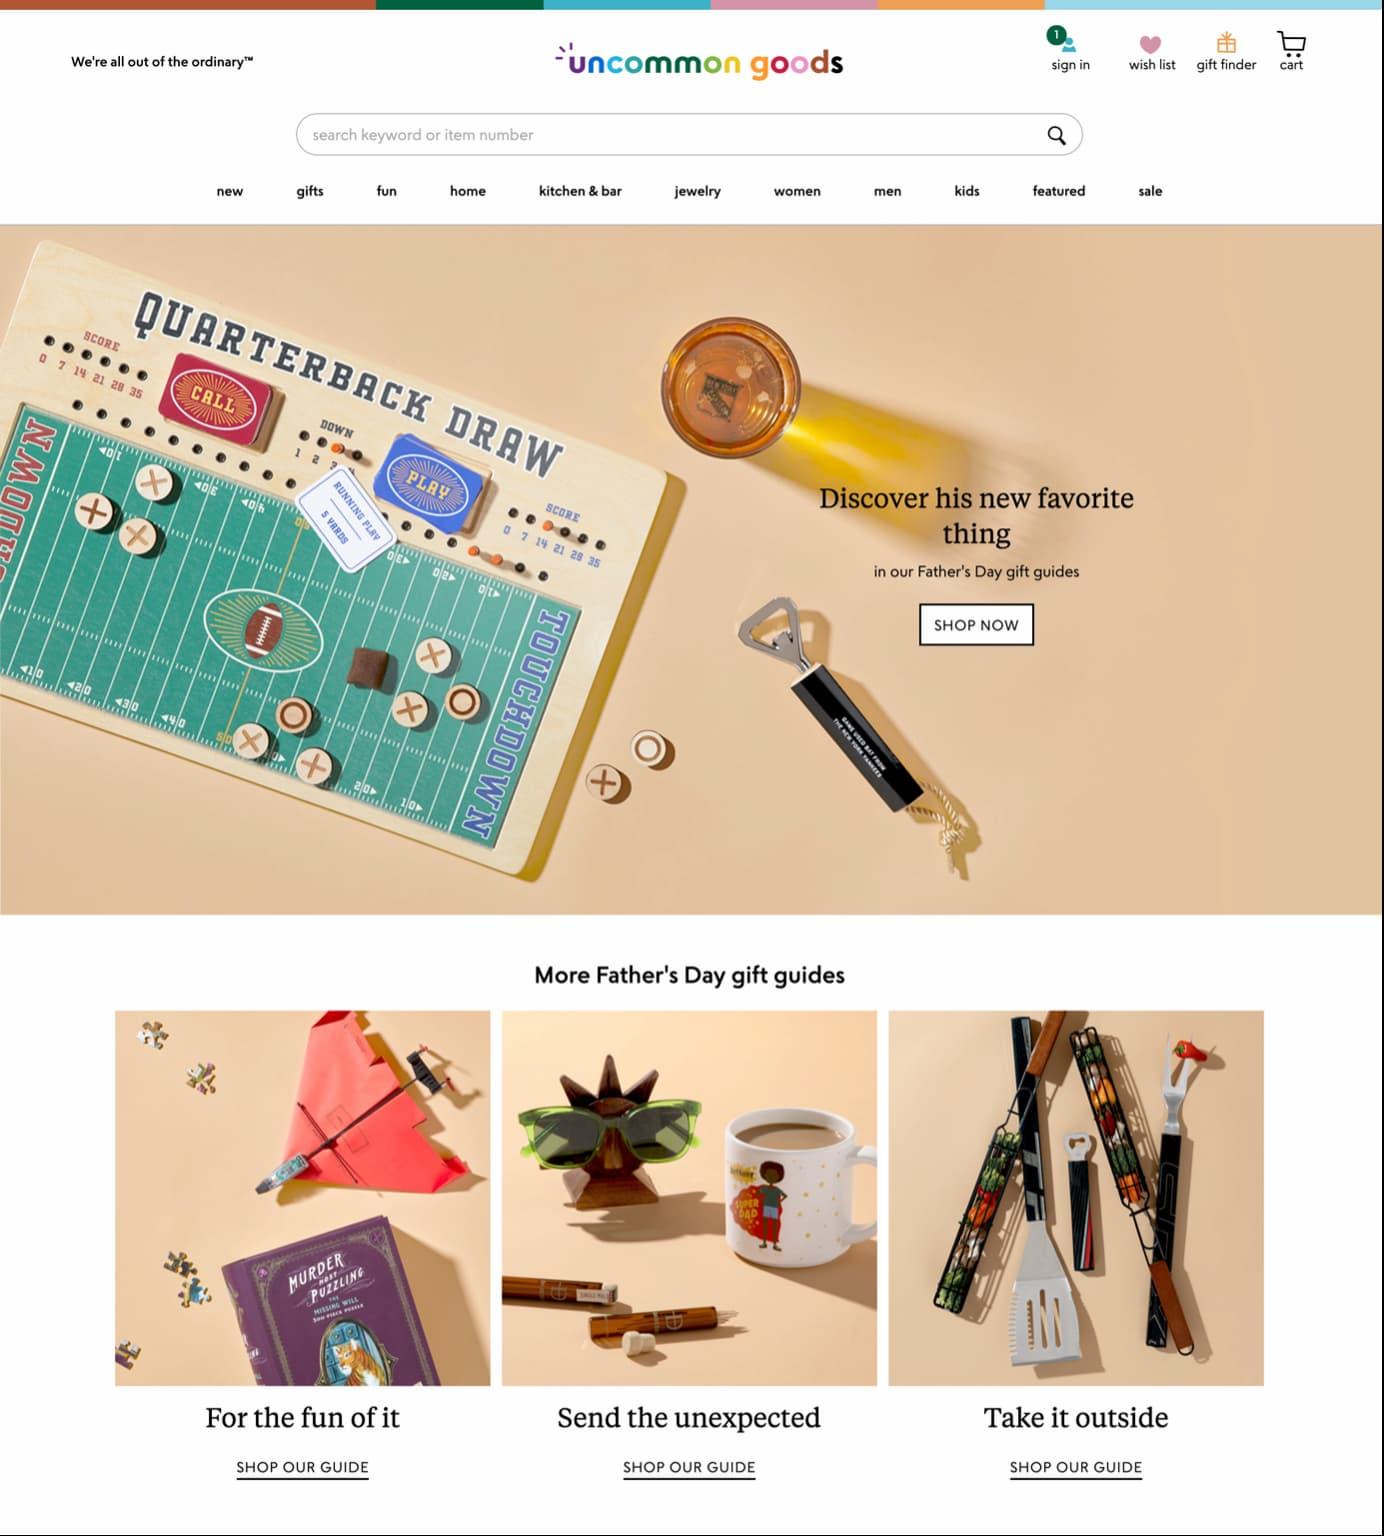 Uncommon Goods website.